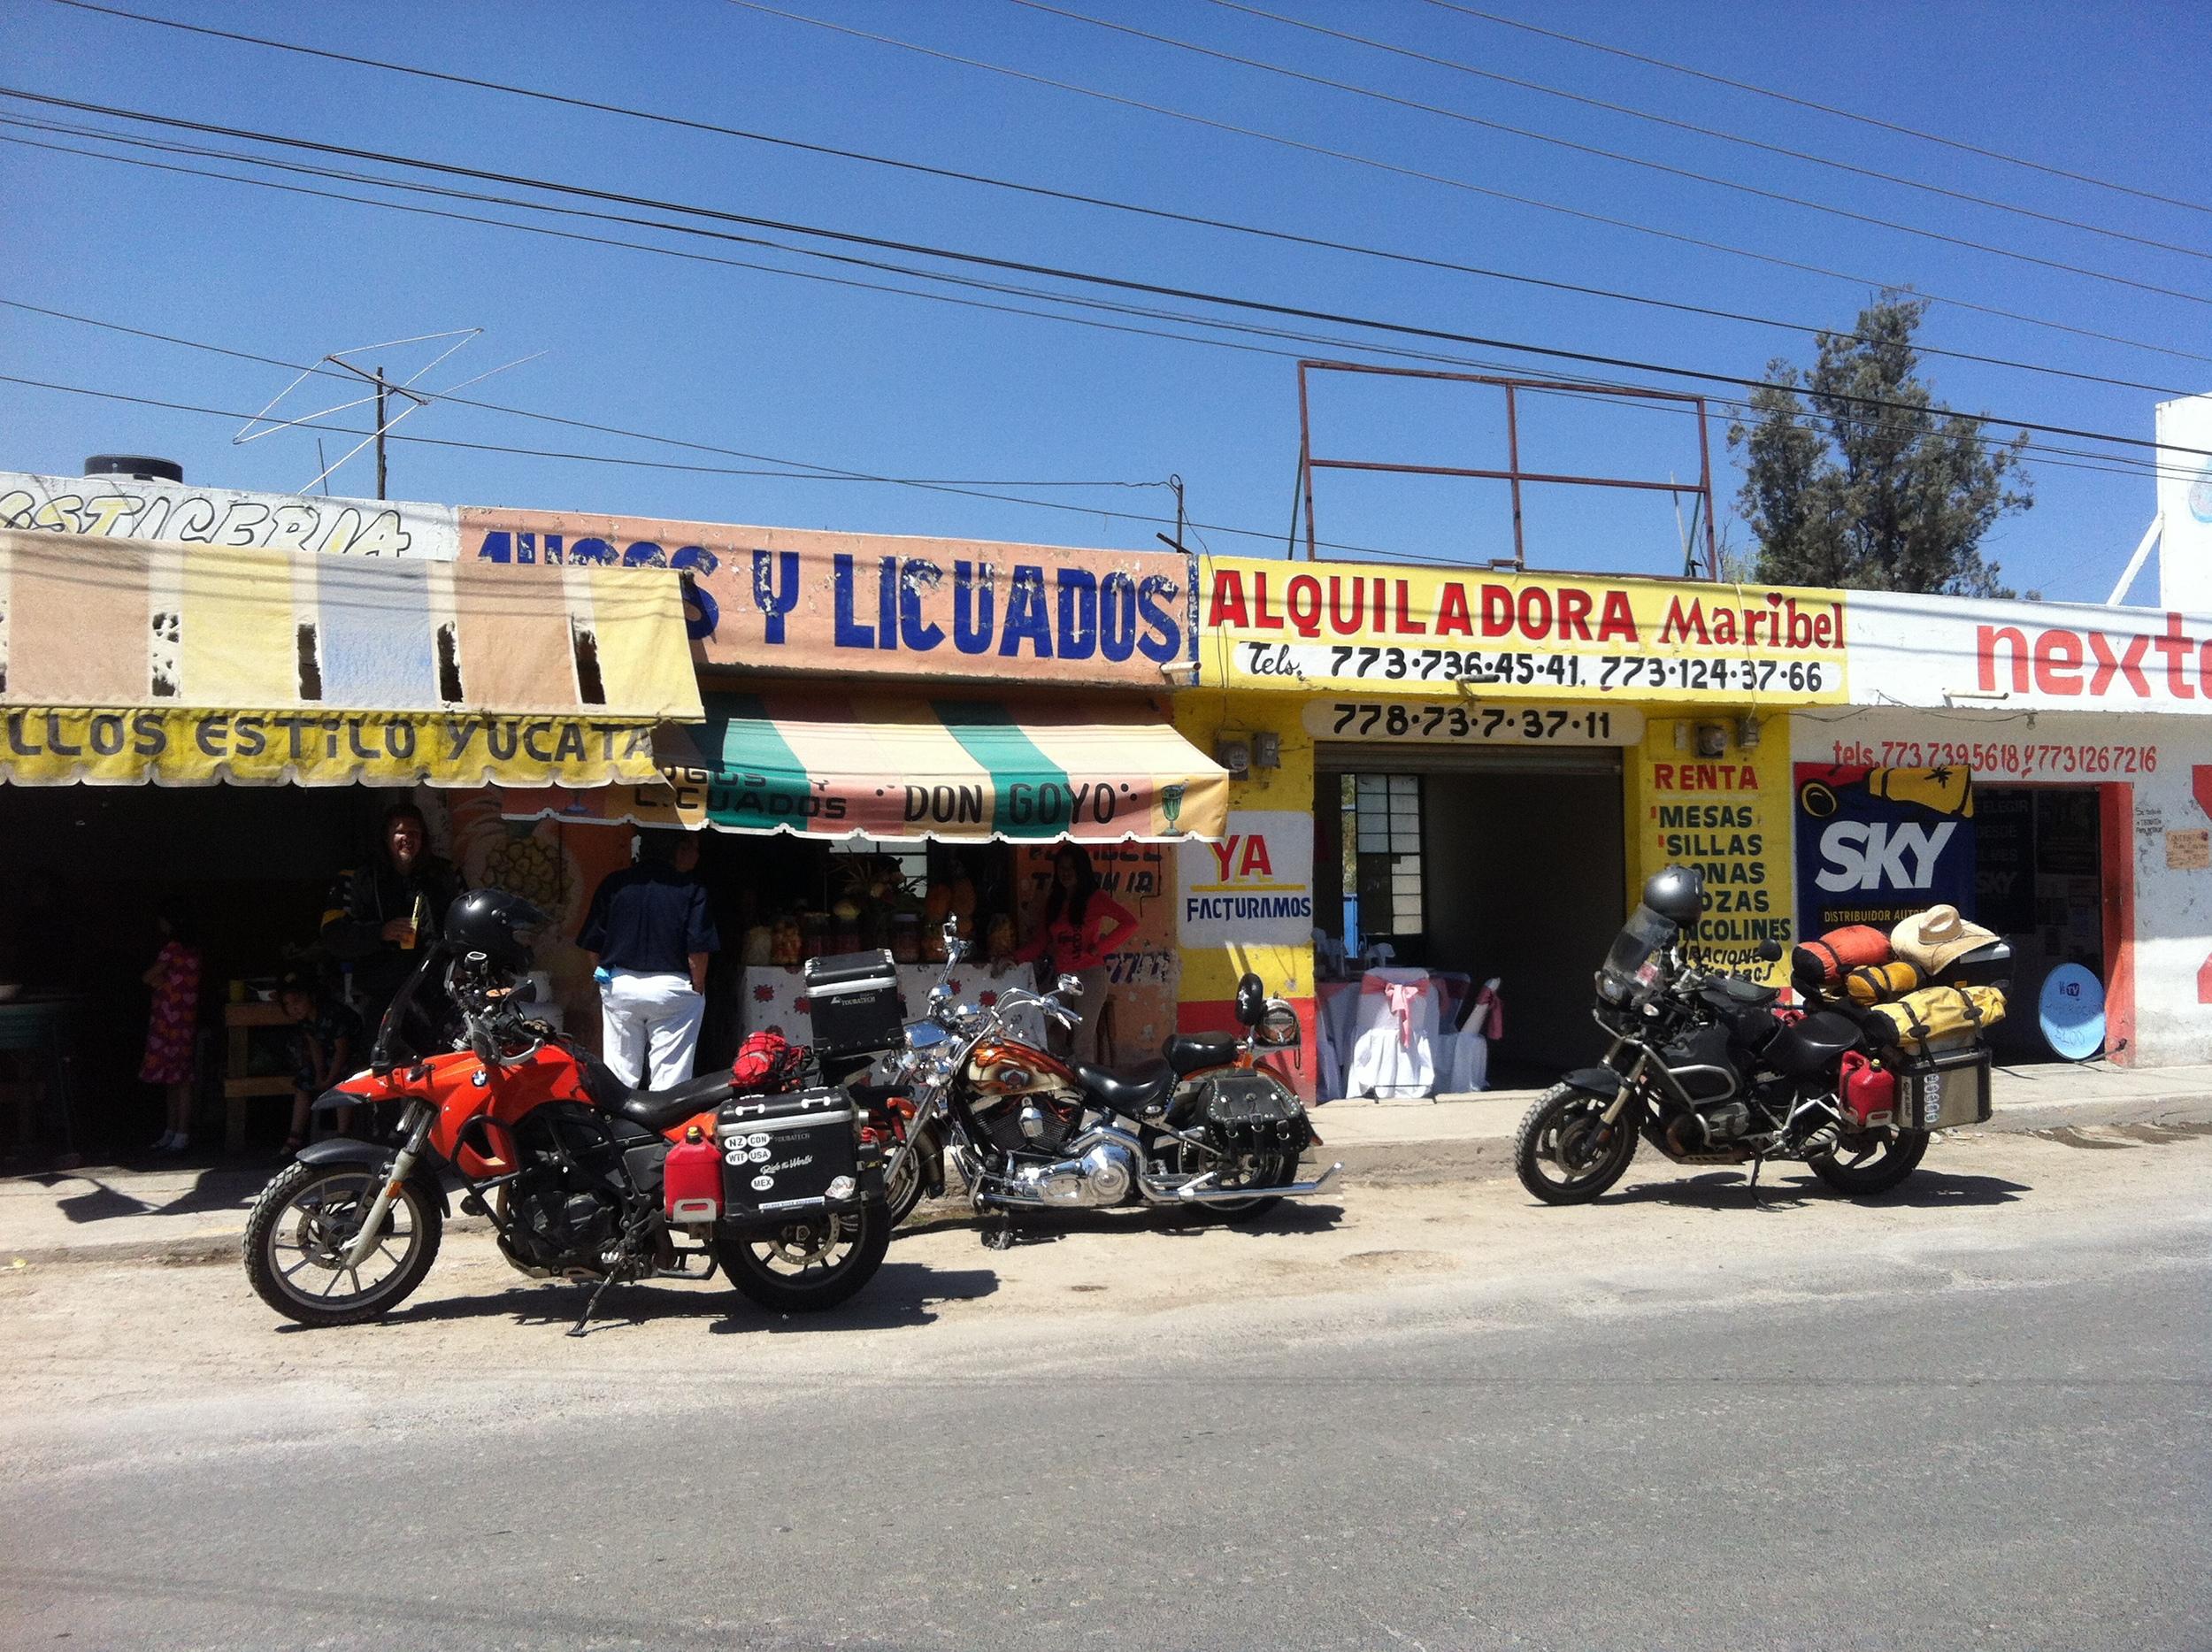 At Jugos Y Licuados